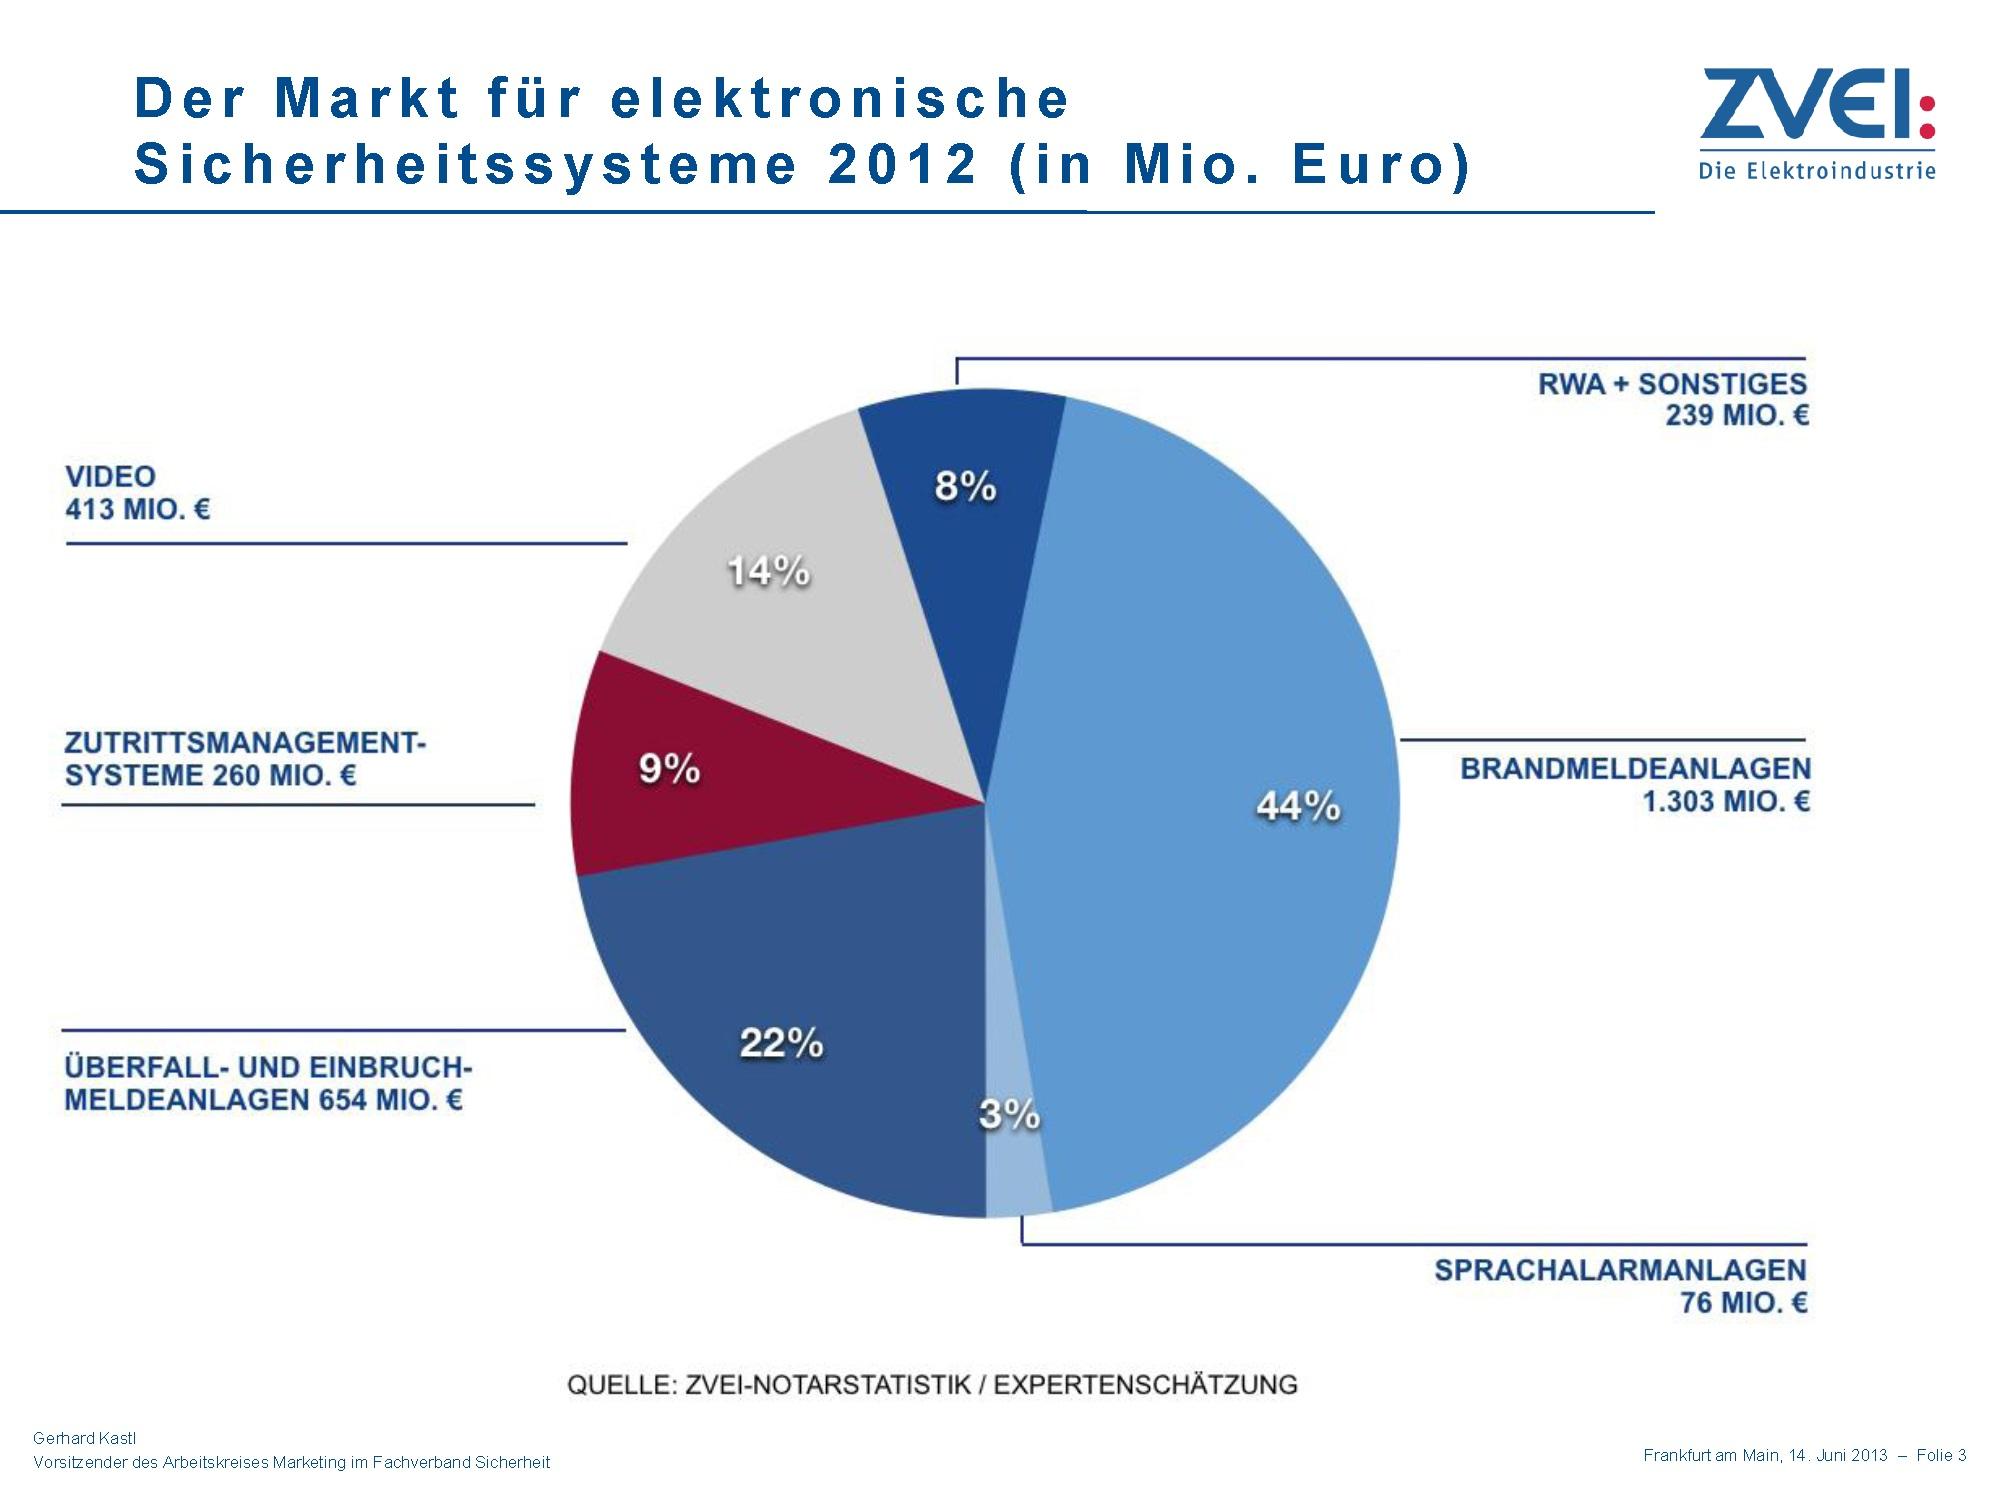 ZVEI: 6,3% Wachstum im Jahr 2012